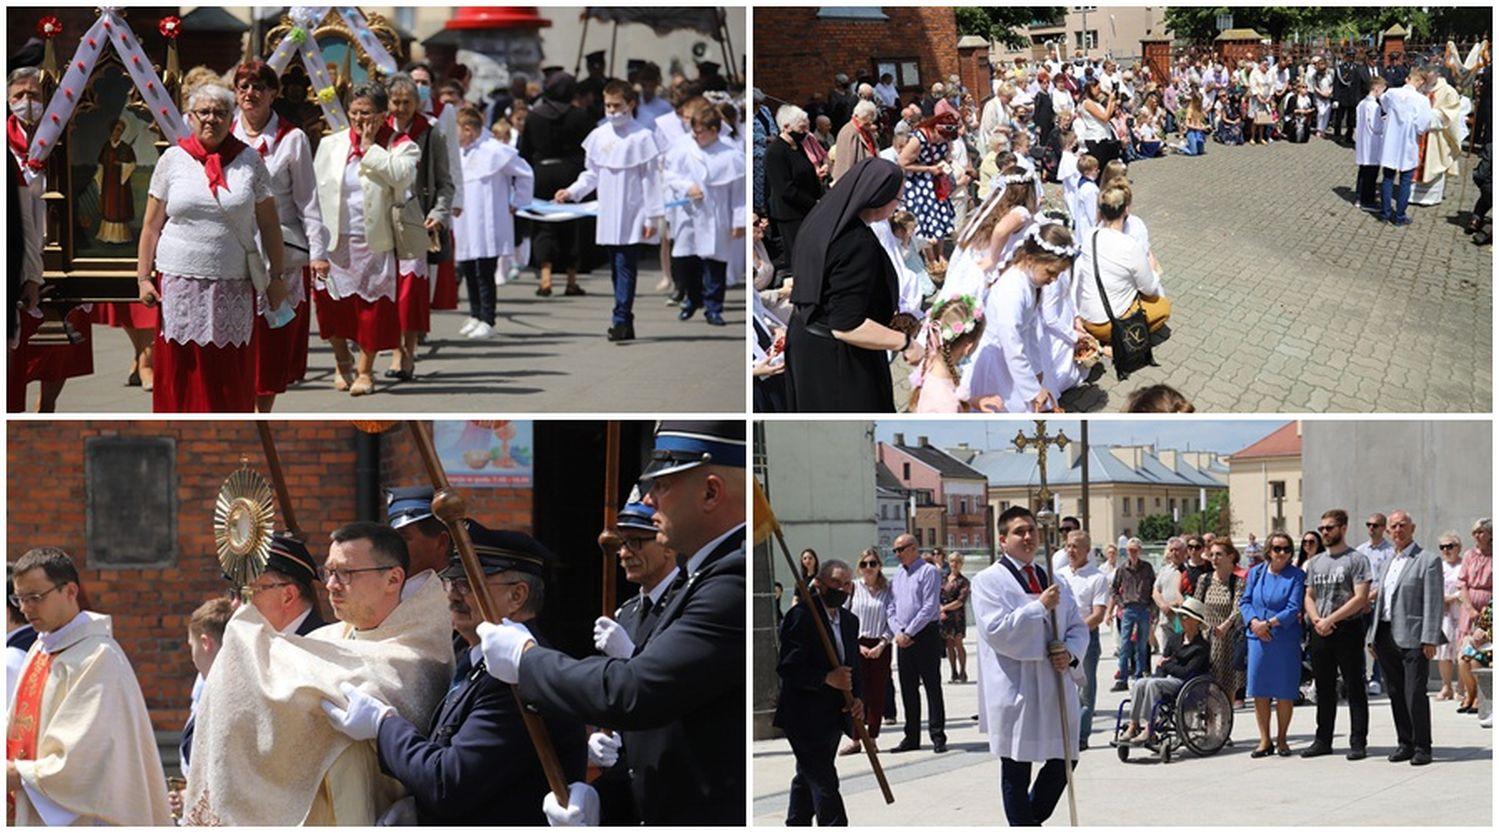 Procesja Bożego Ciała w centrum Kutna. Wierni przeszli wokół kościoła [ZDJĘCIA] - Zdjęcie główne